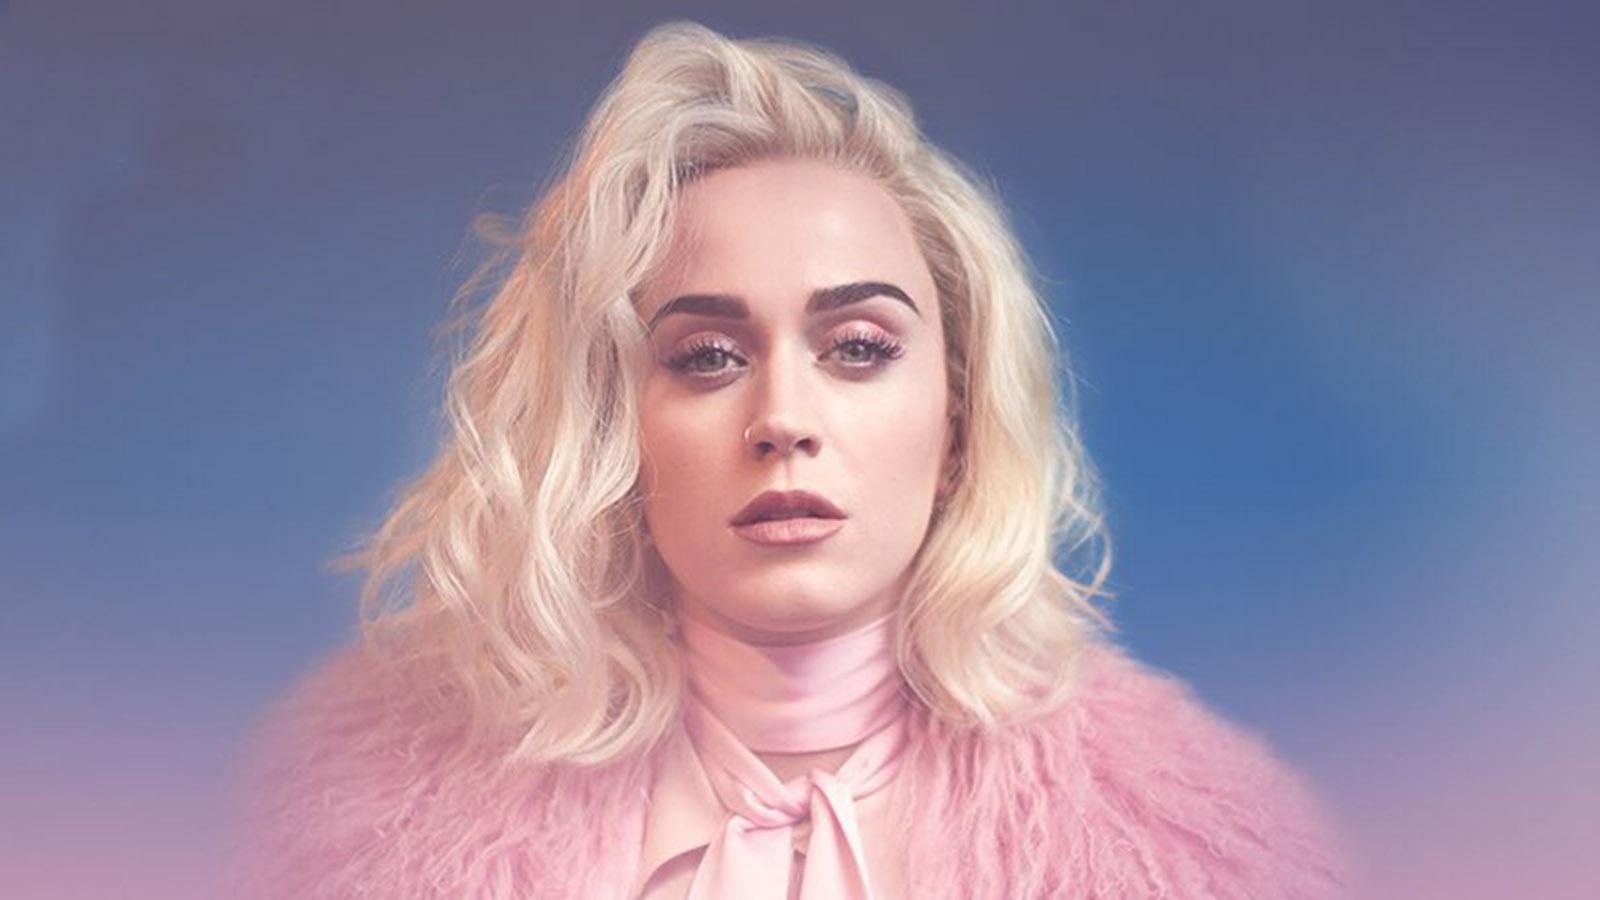 Katy Perry interpretará 'Chained to the Rhythm' en la gala de los Grammy